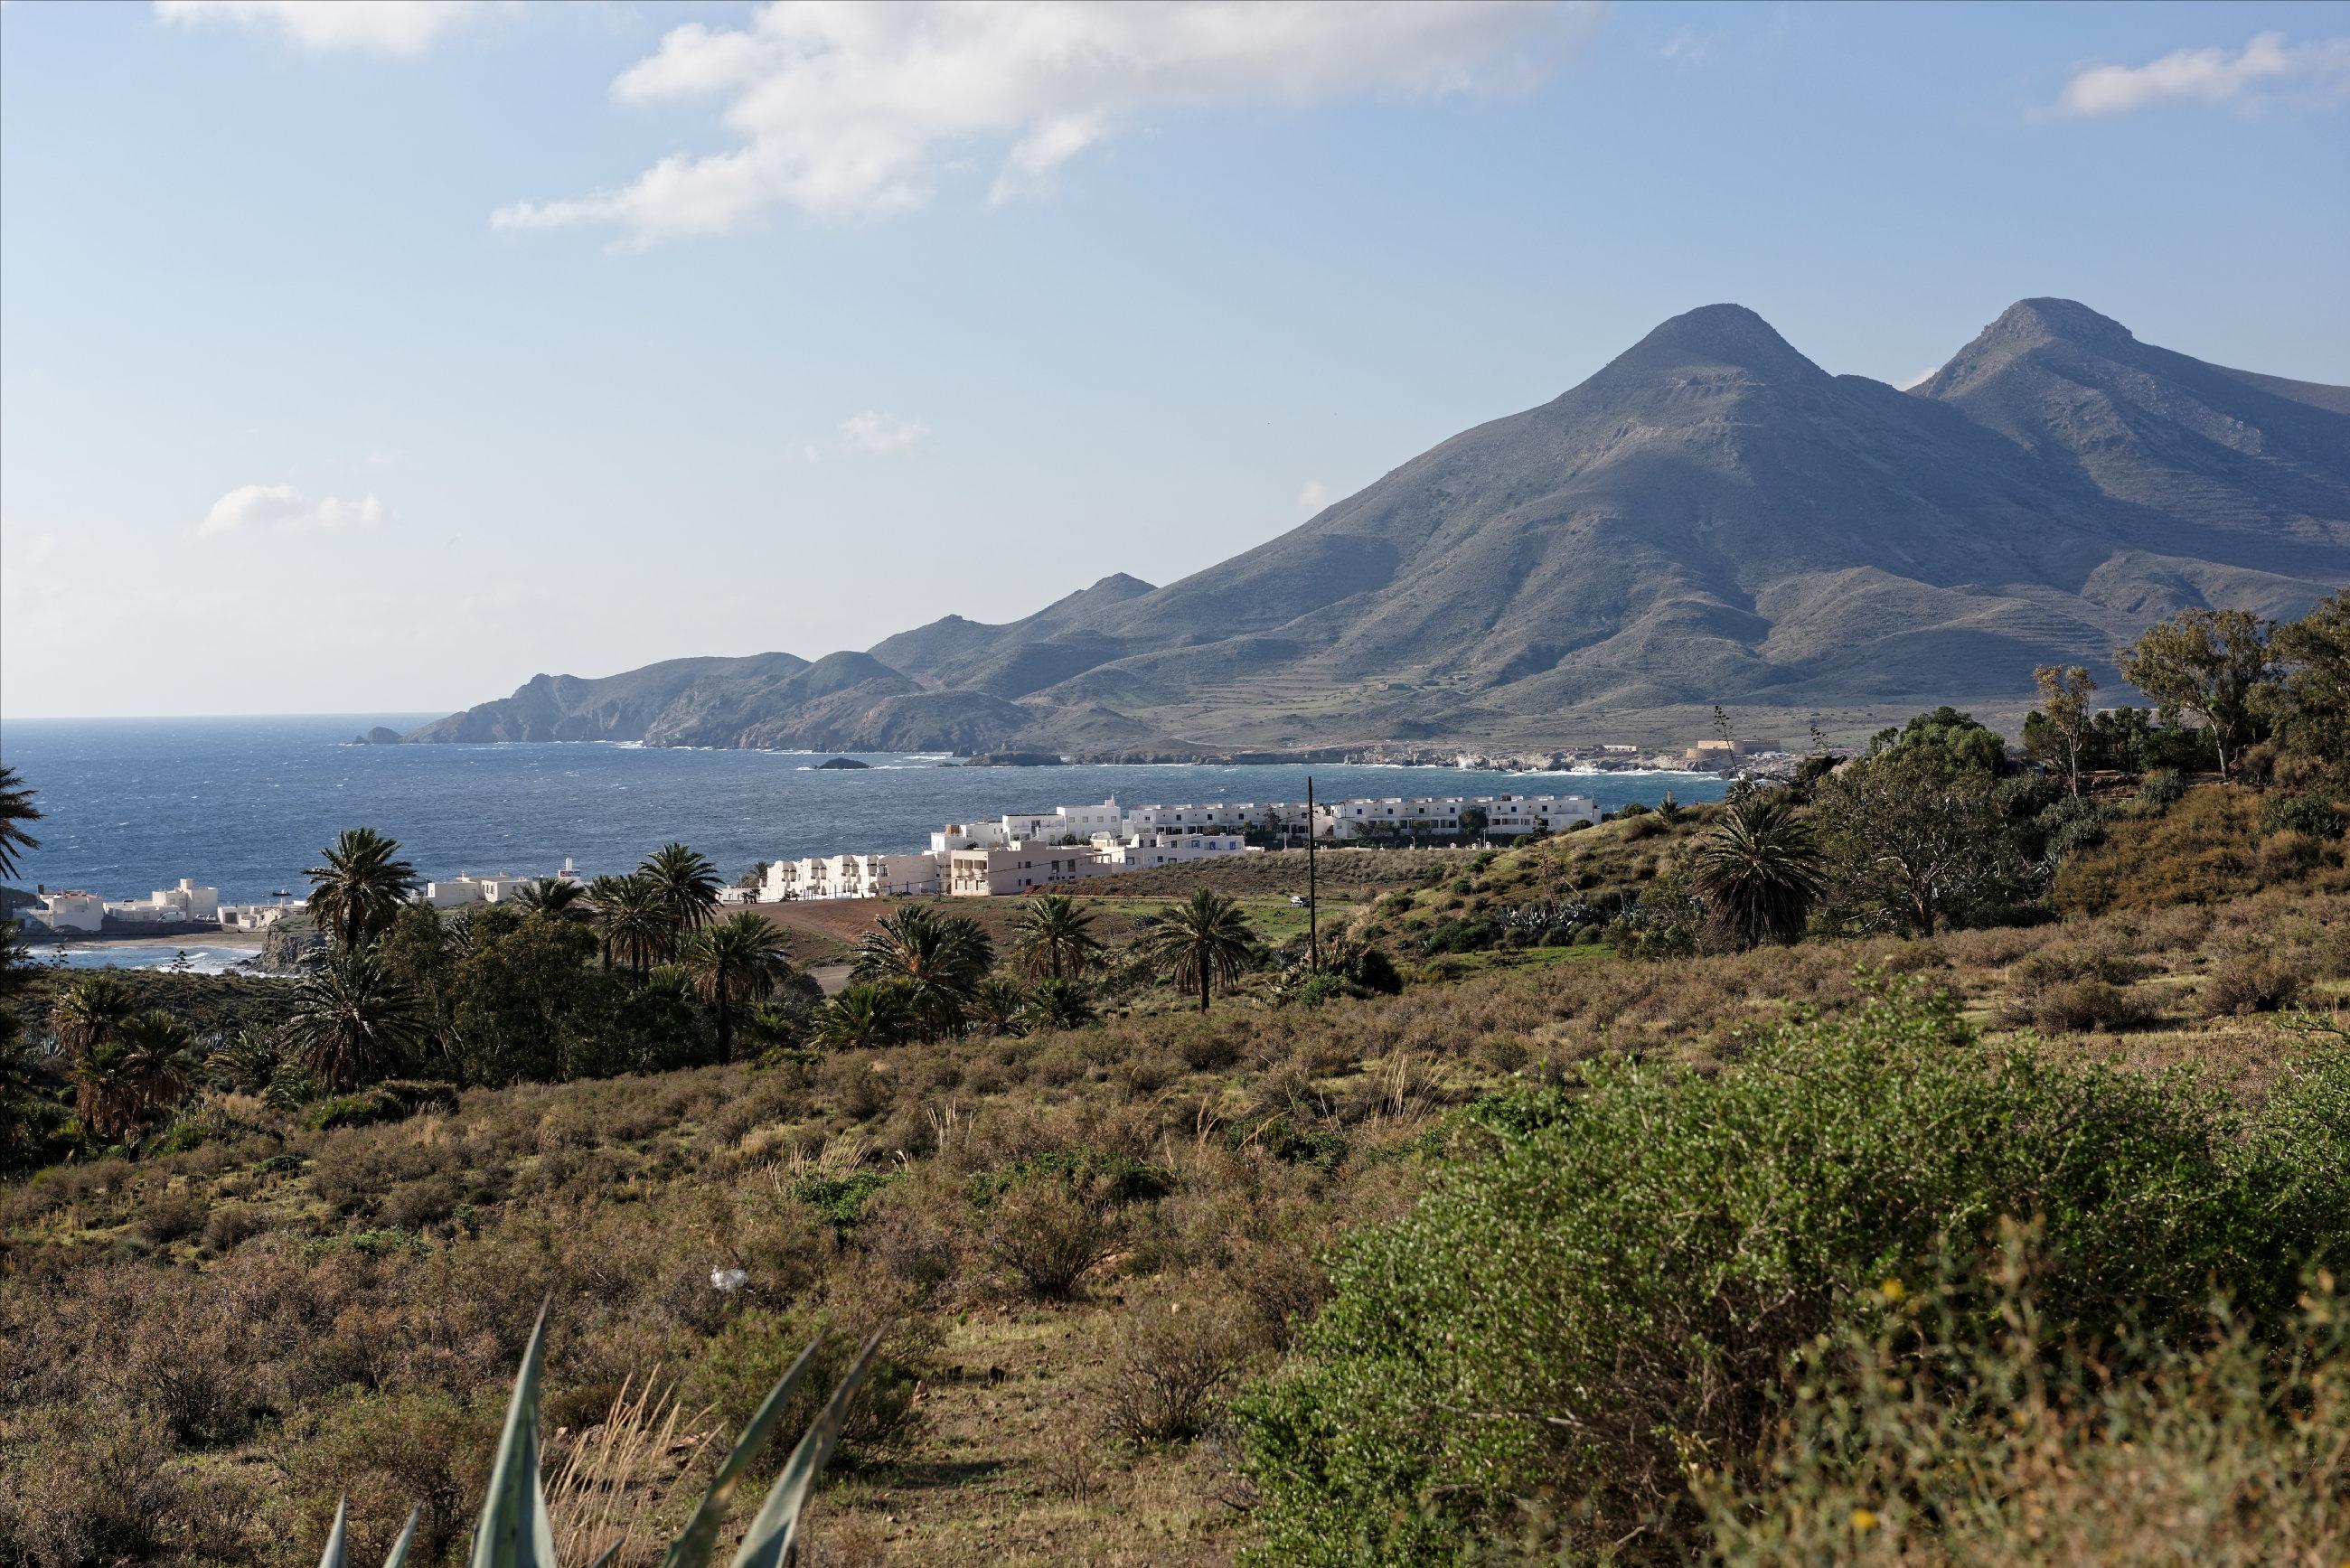 151108-La Isleta del Moro (12)